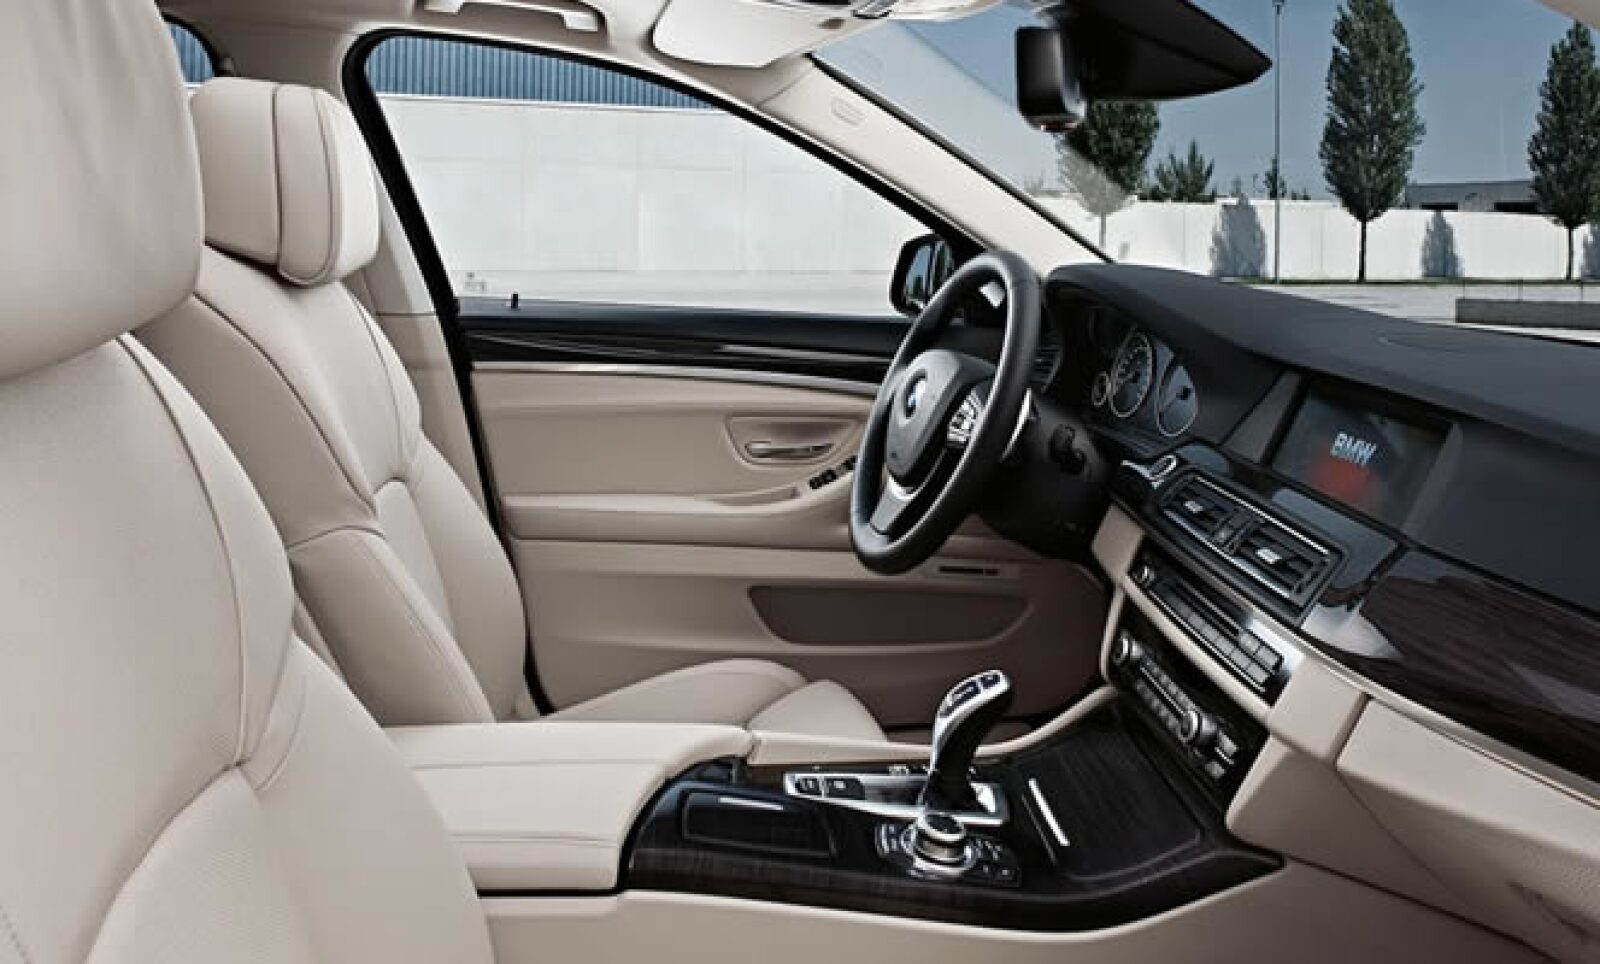 La calidad de materiales y ensamble no tiene queja: tecnología iDrive con sistema de navegación y Connected Drive liderando el arsenal.